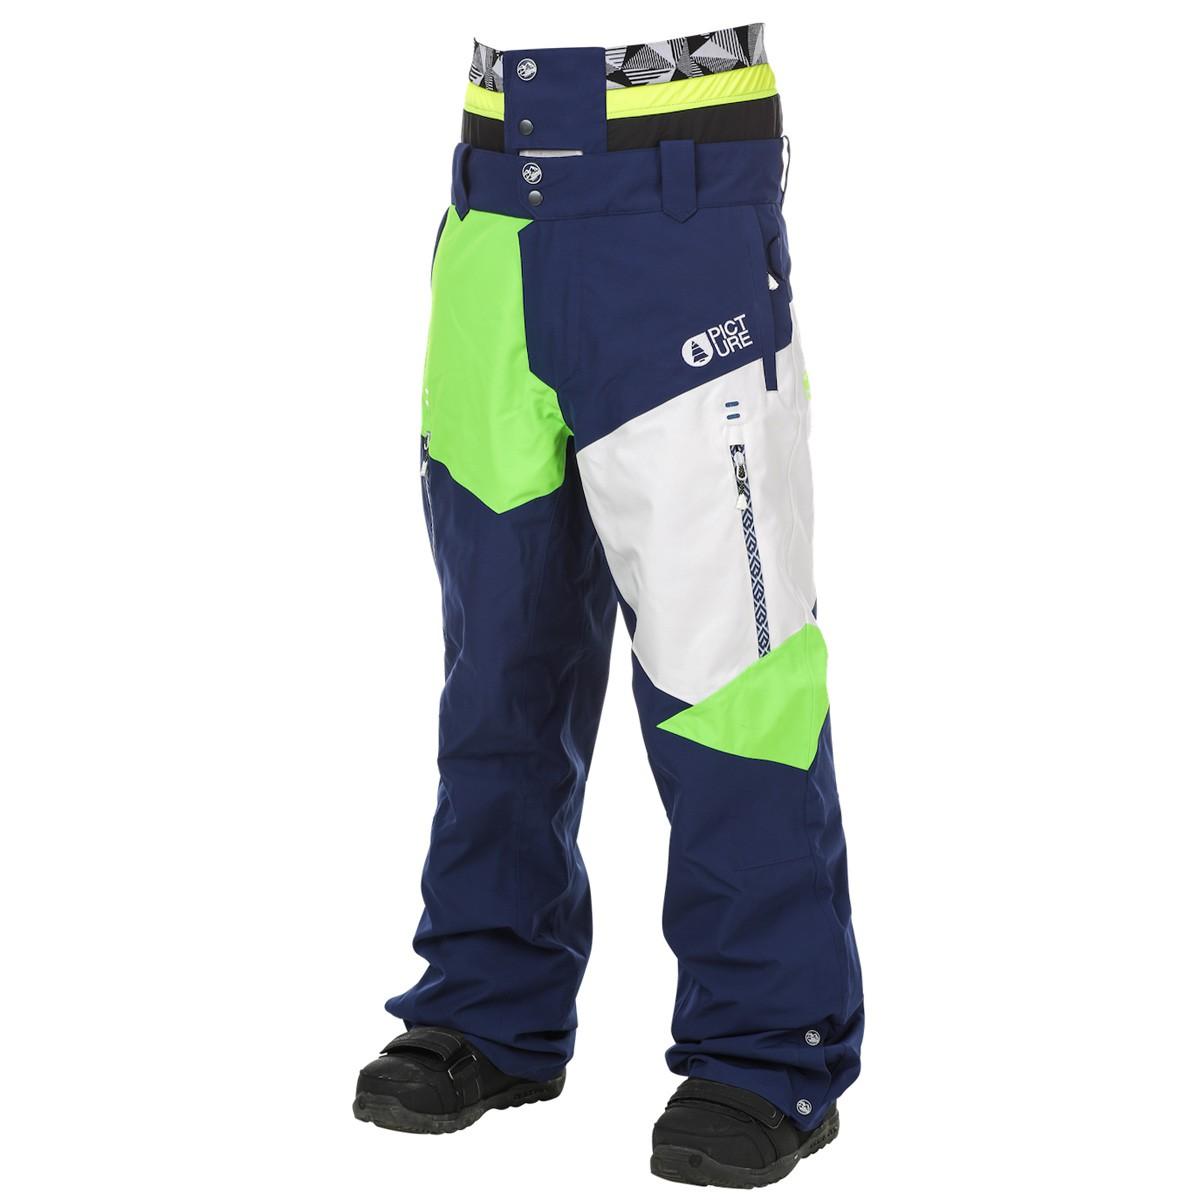 pantalone_sci